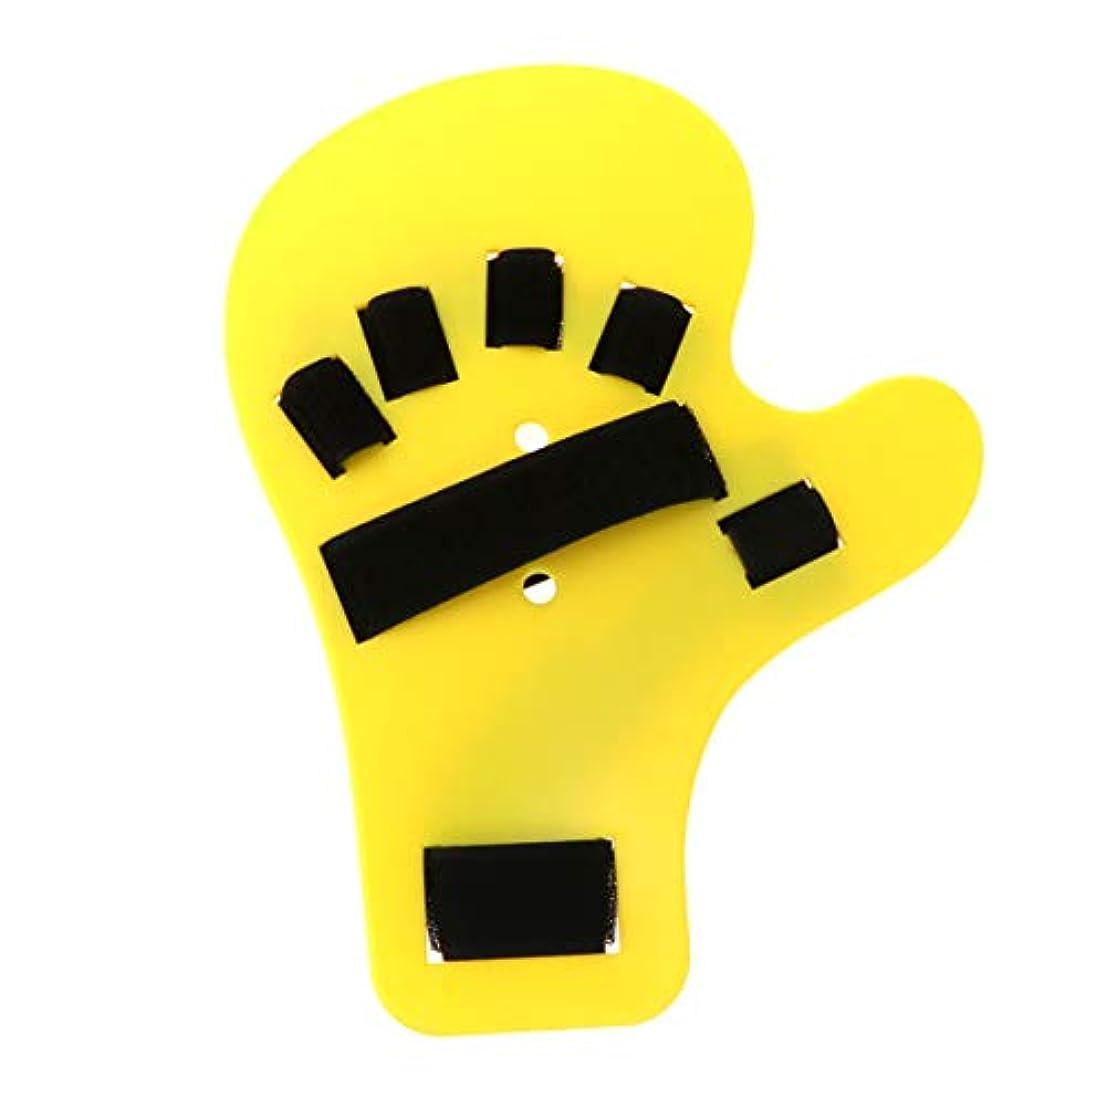 悔い改め悪意飼いならすSUPVOX 指装具指板ストロークハンドスプリントトレーニングサポートハンド手首トレーニング右手用装具デバイス